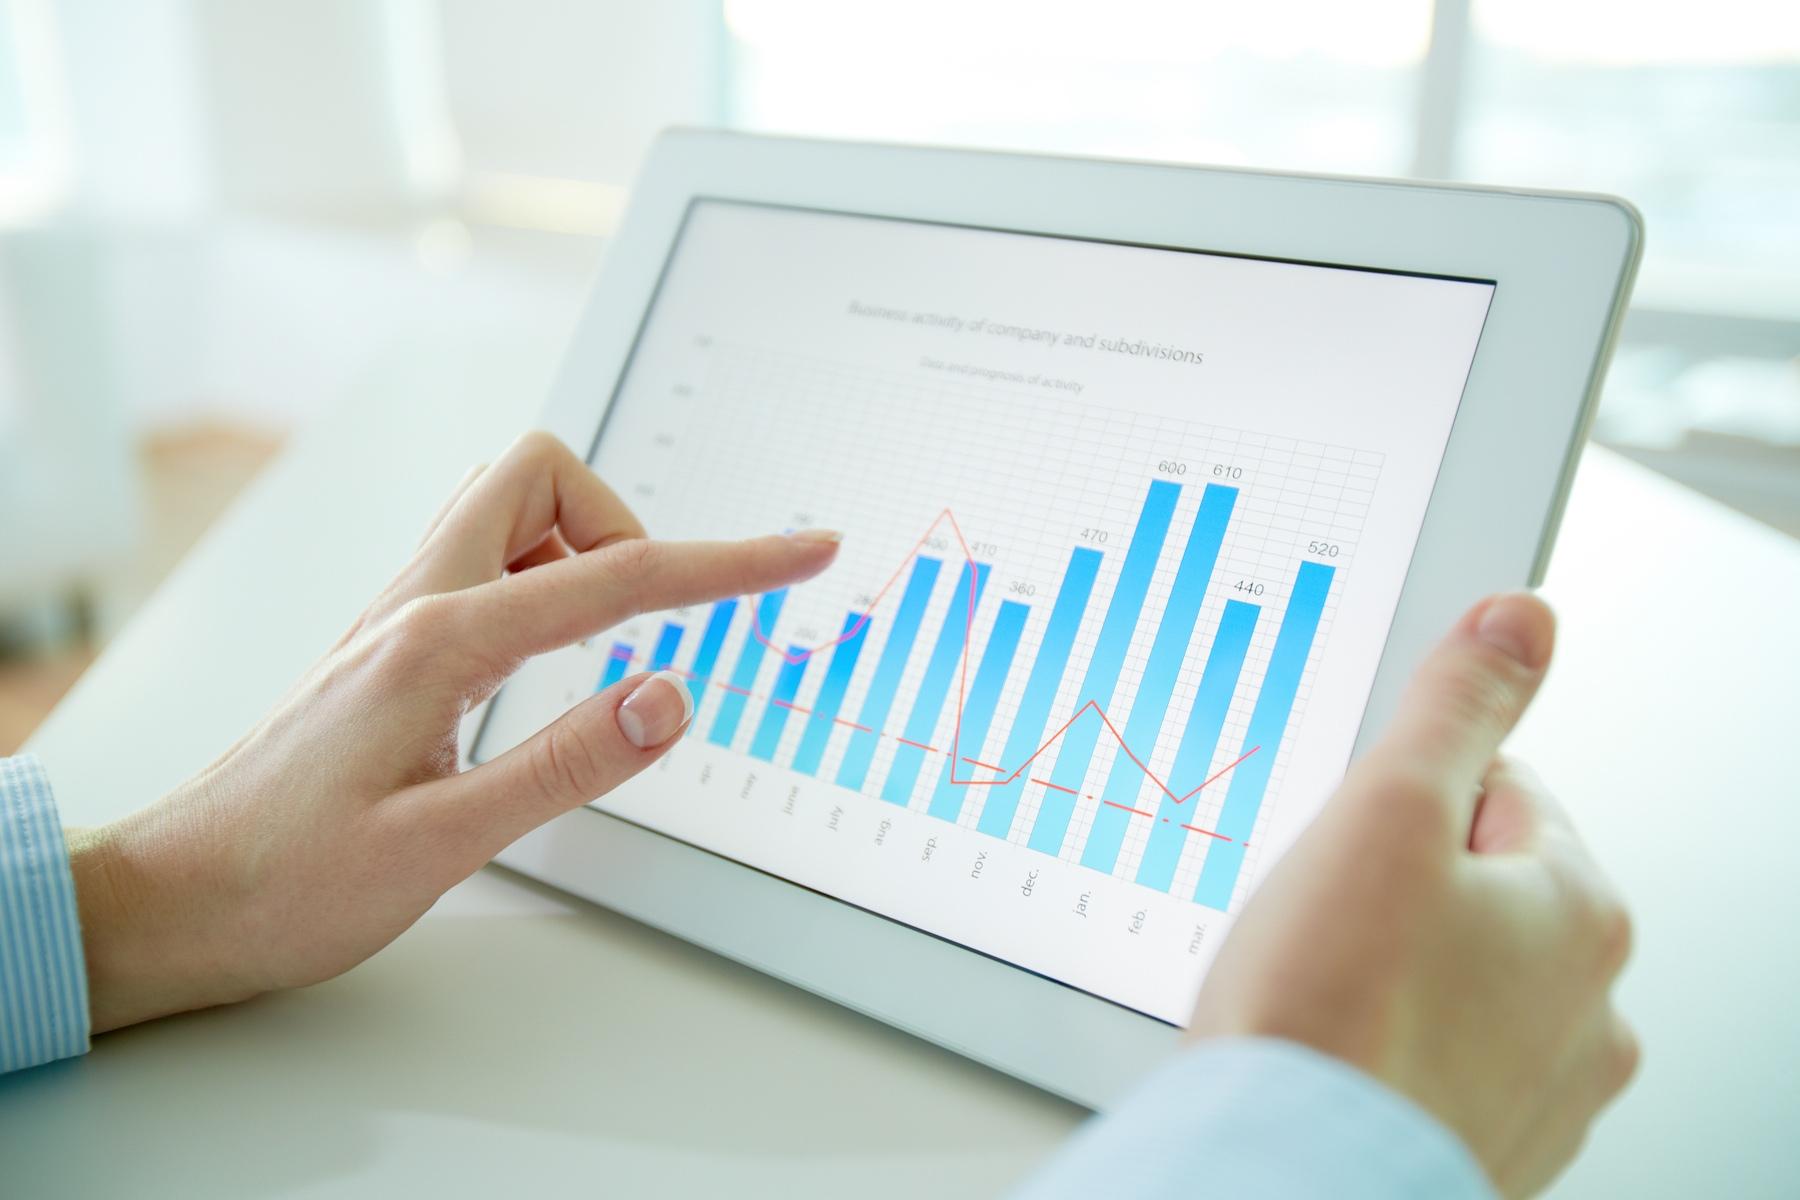 Gráfico num iPad